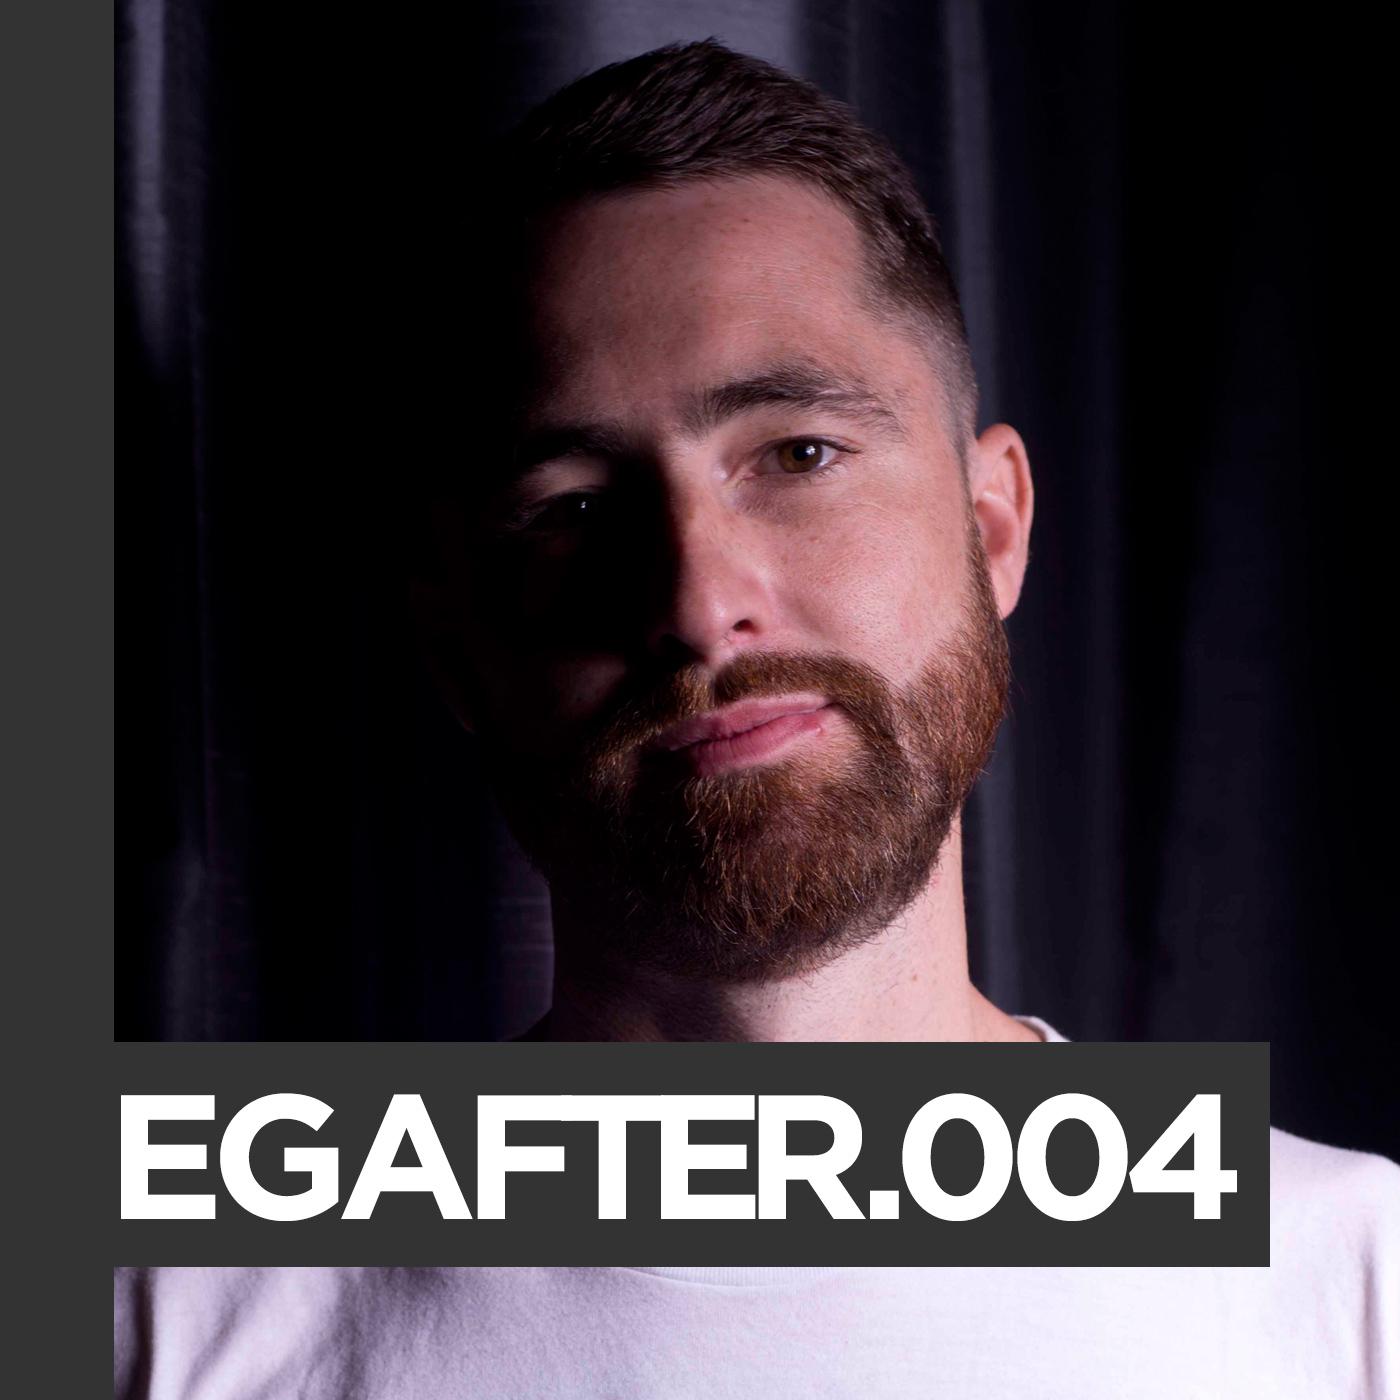 EGAFTER.004 Jozif